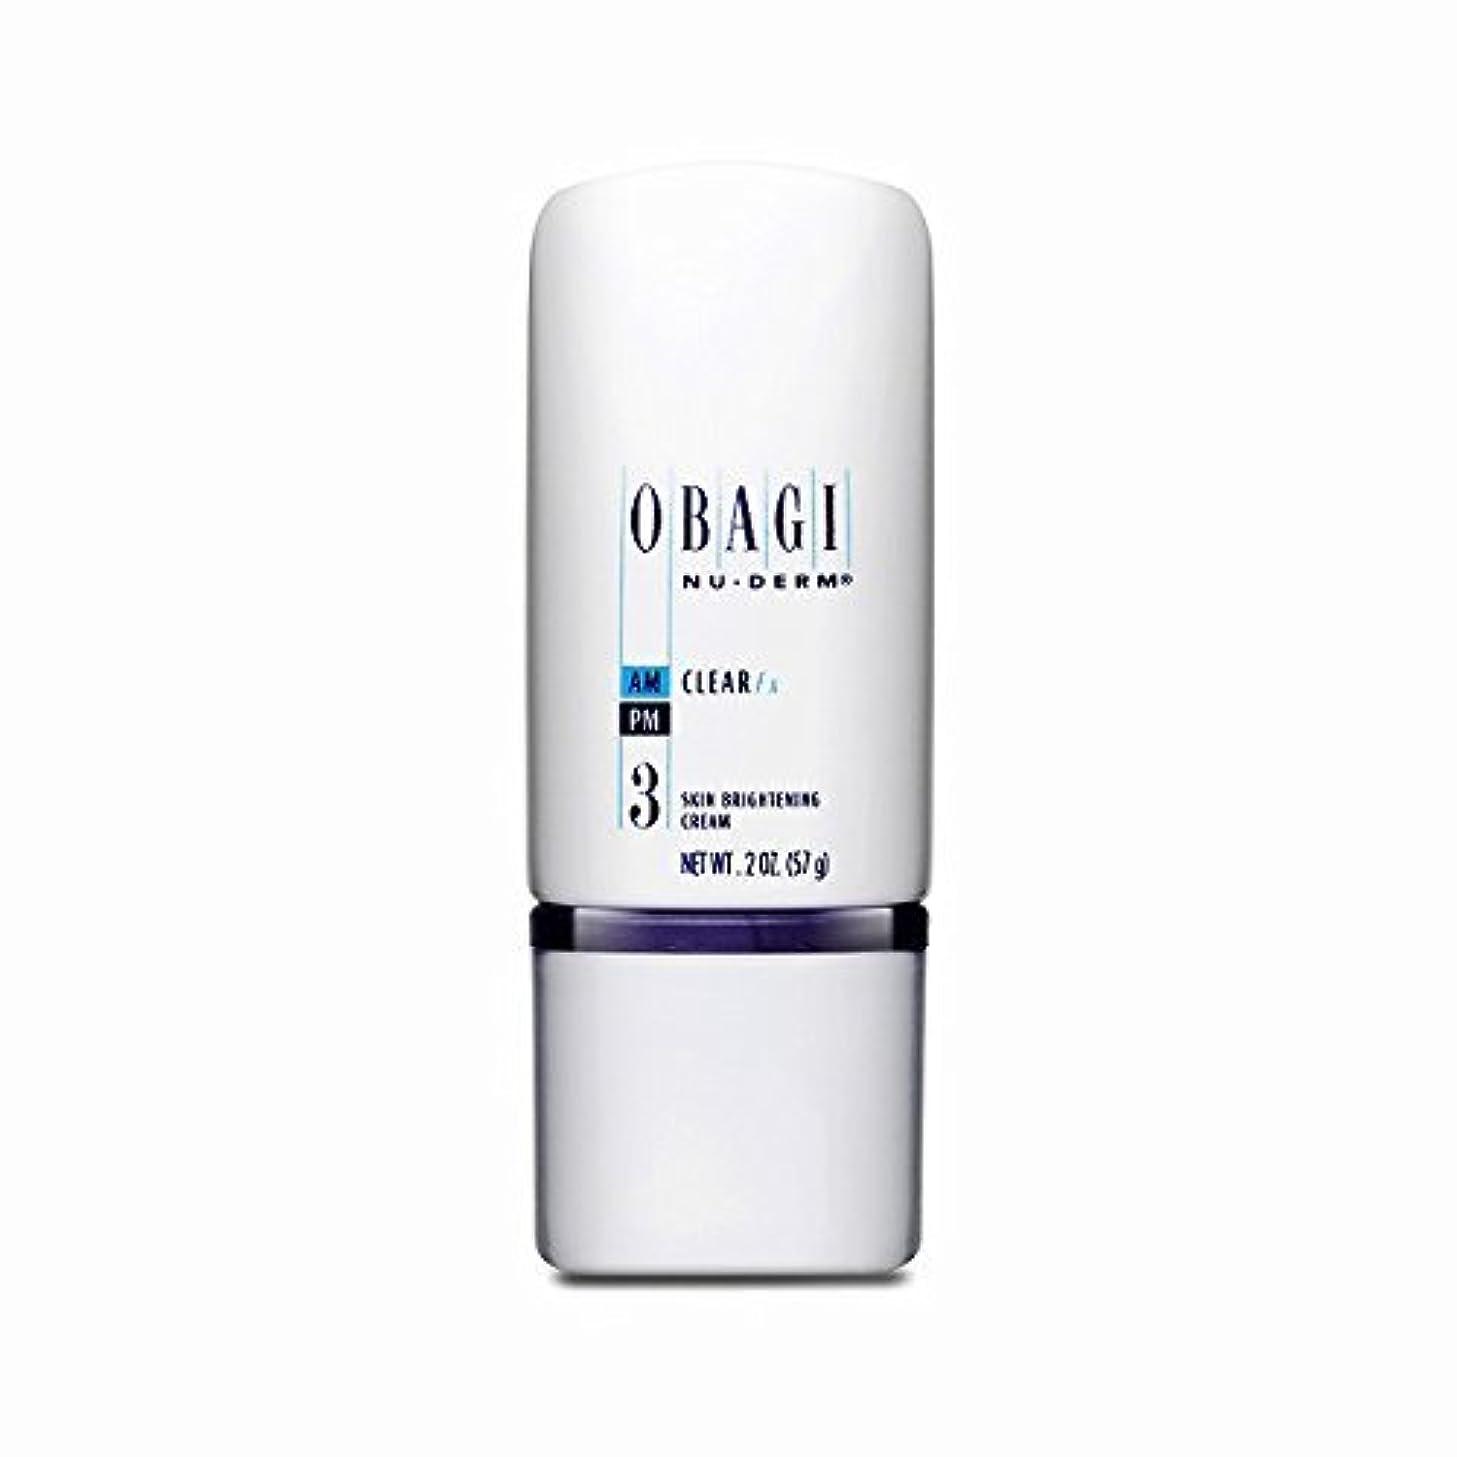 低い静脈ラブオバジ(Obagi) ニューダーム クリア FX #3 57g/0.2oz[並行輸入品]